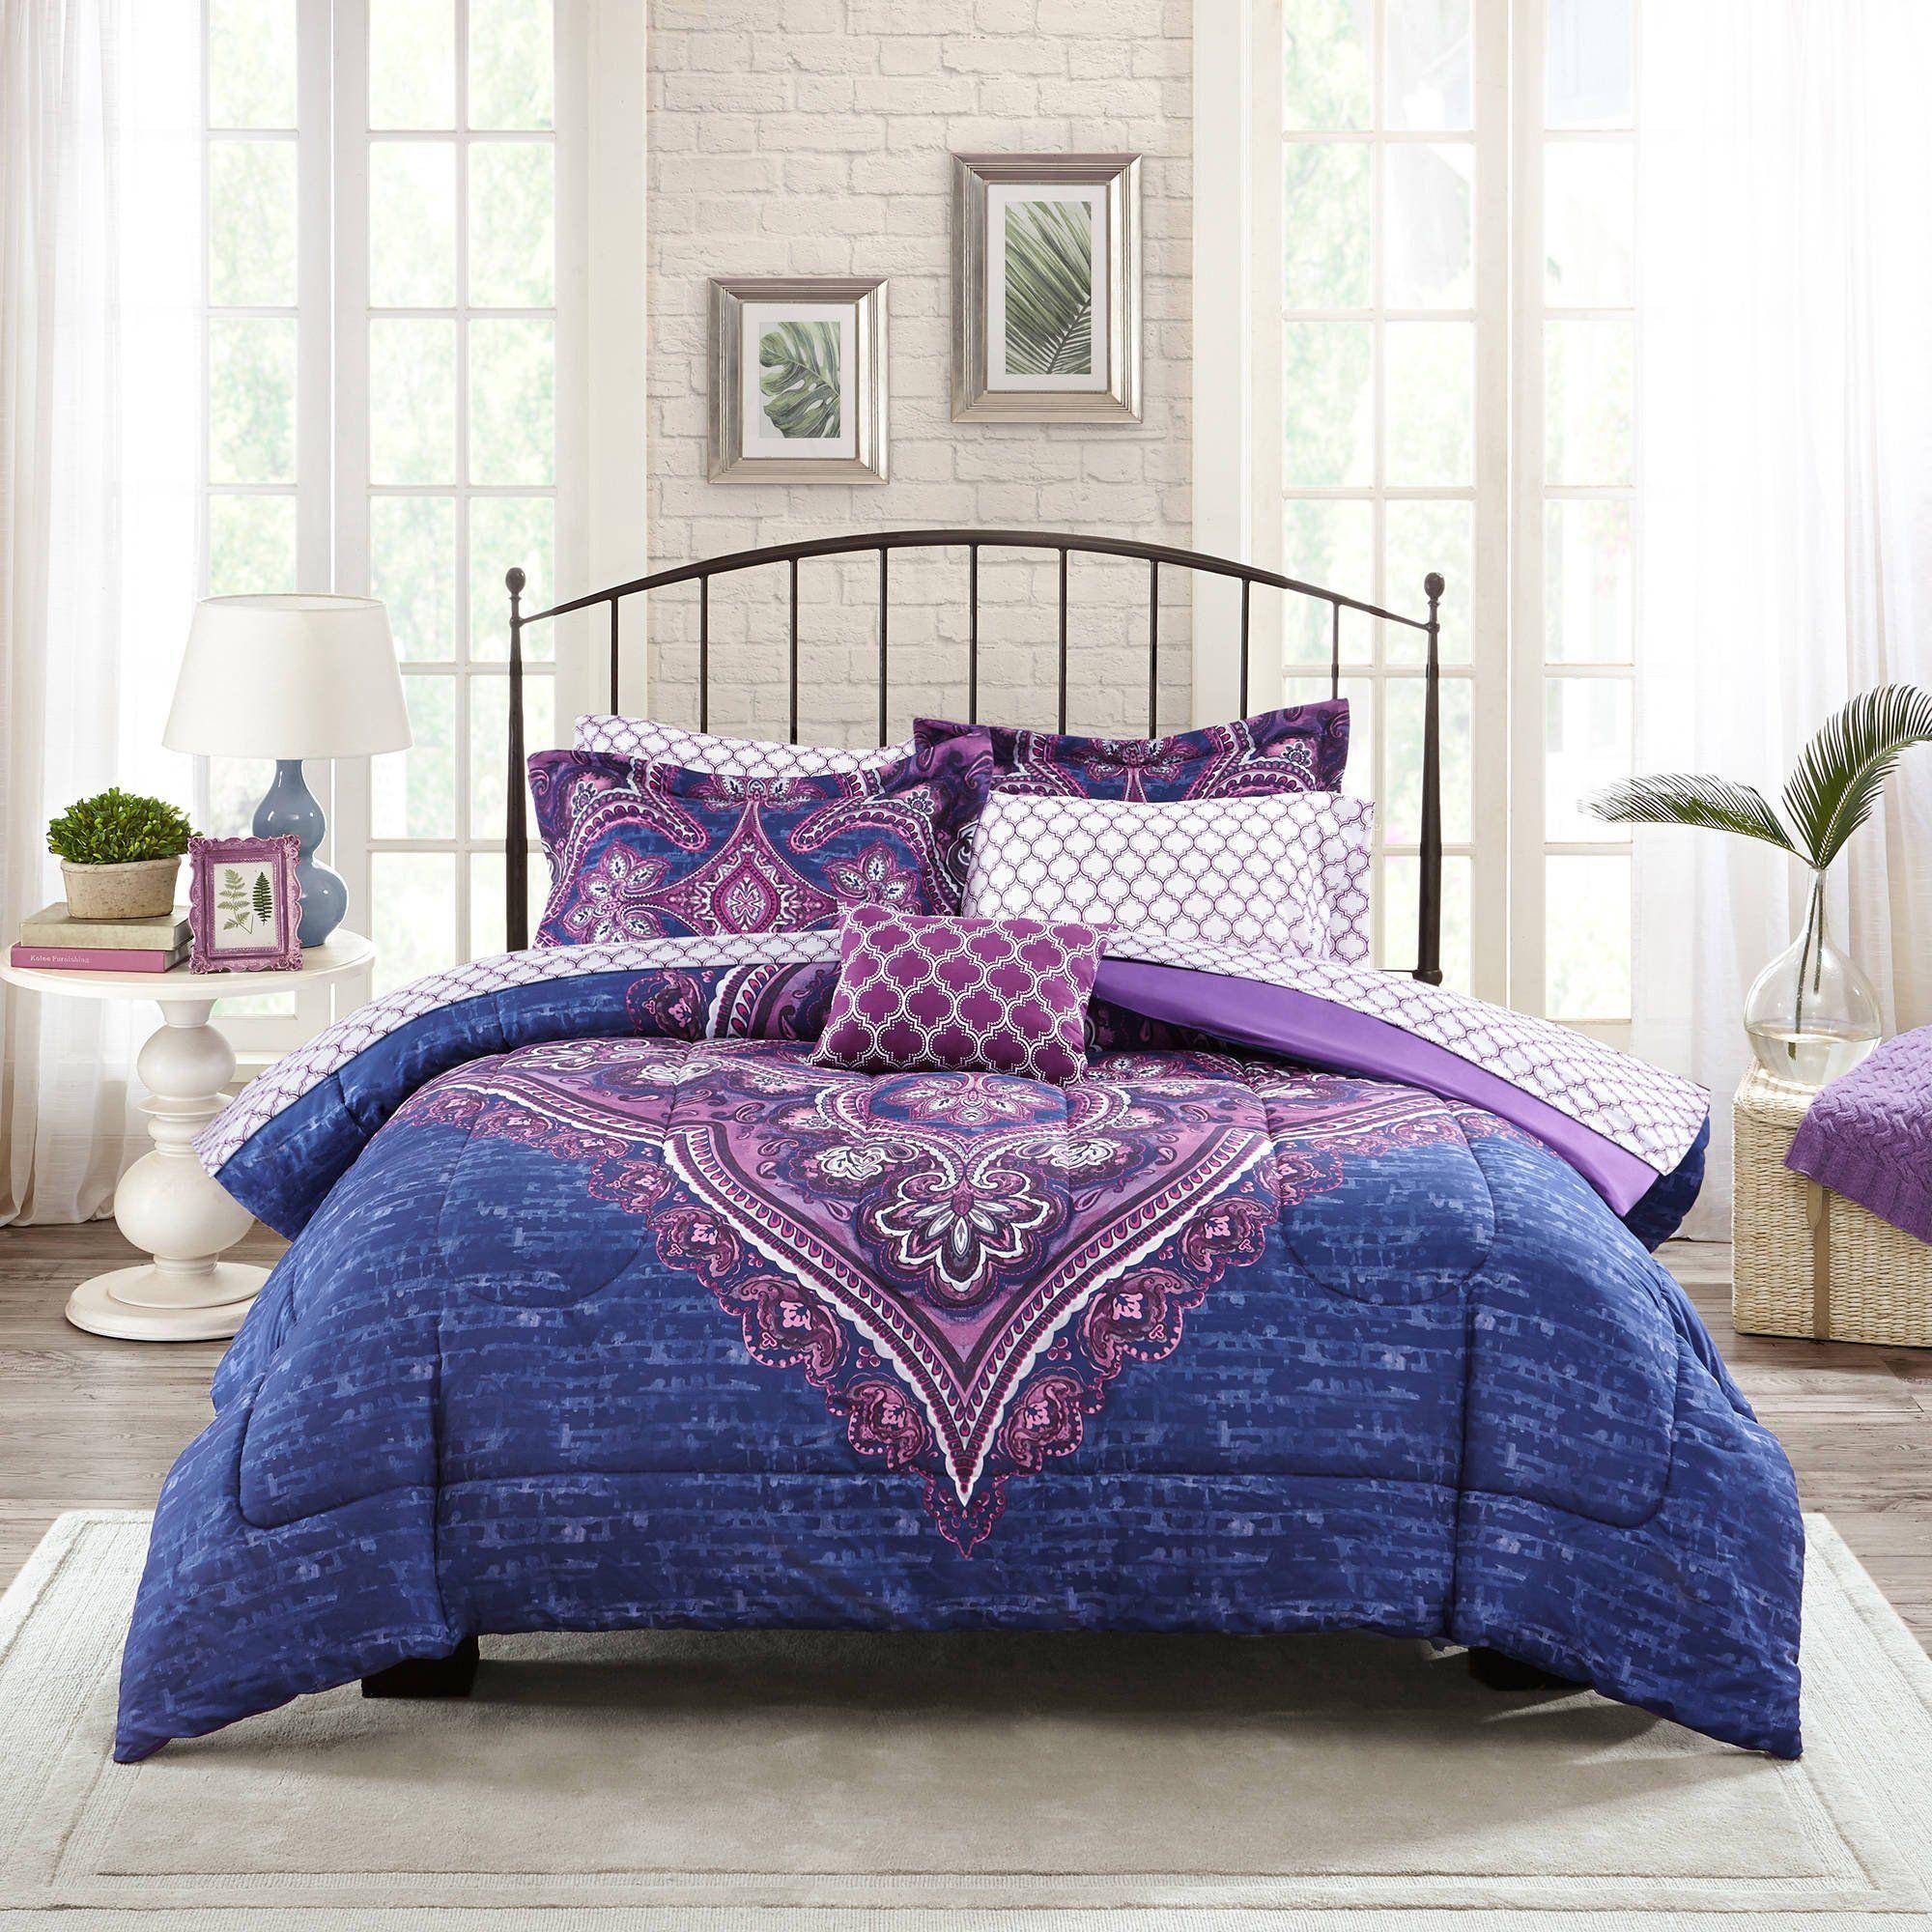 hana pc comforter sheets boho bedding set  boho bedding bedding  - hana pc comforter sheets boho bedding set